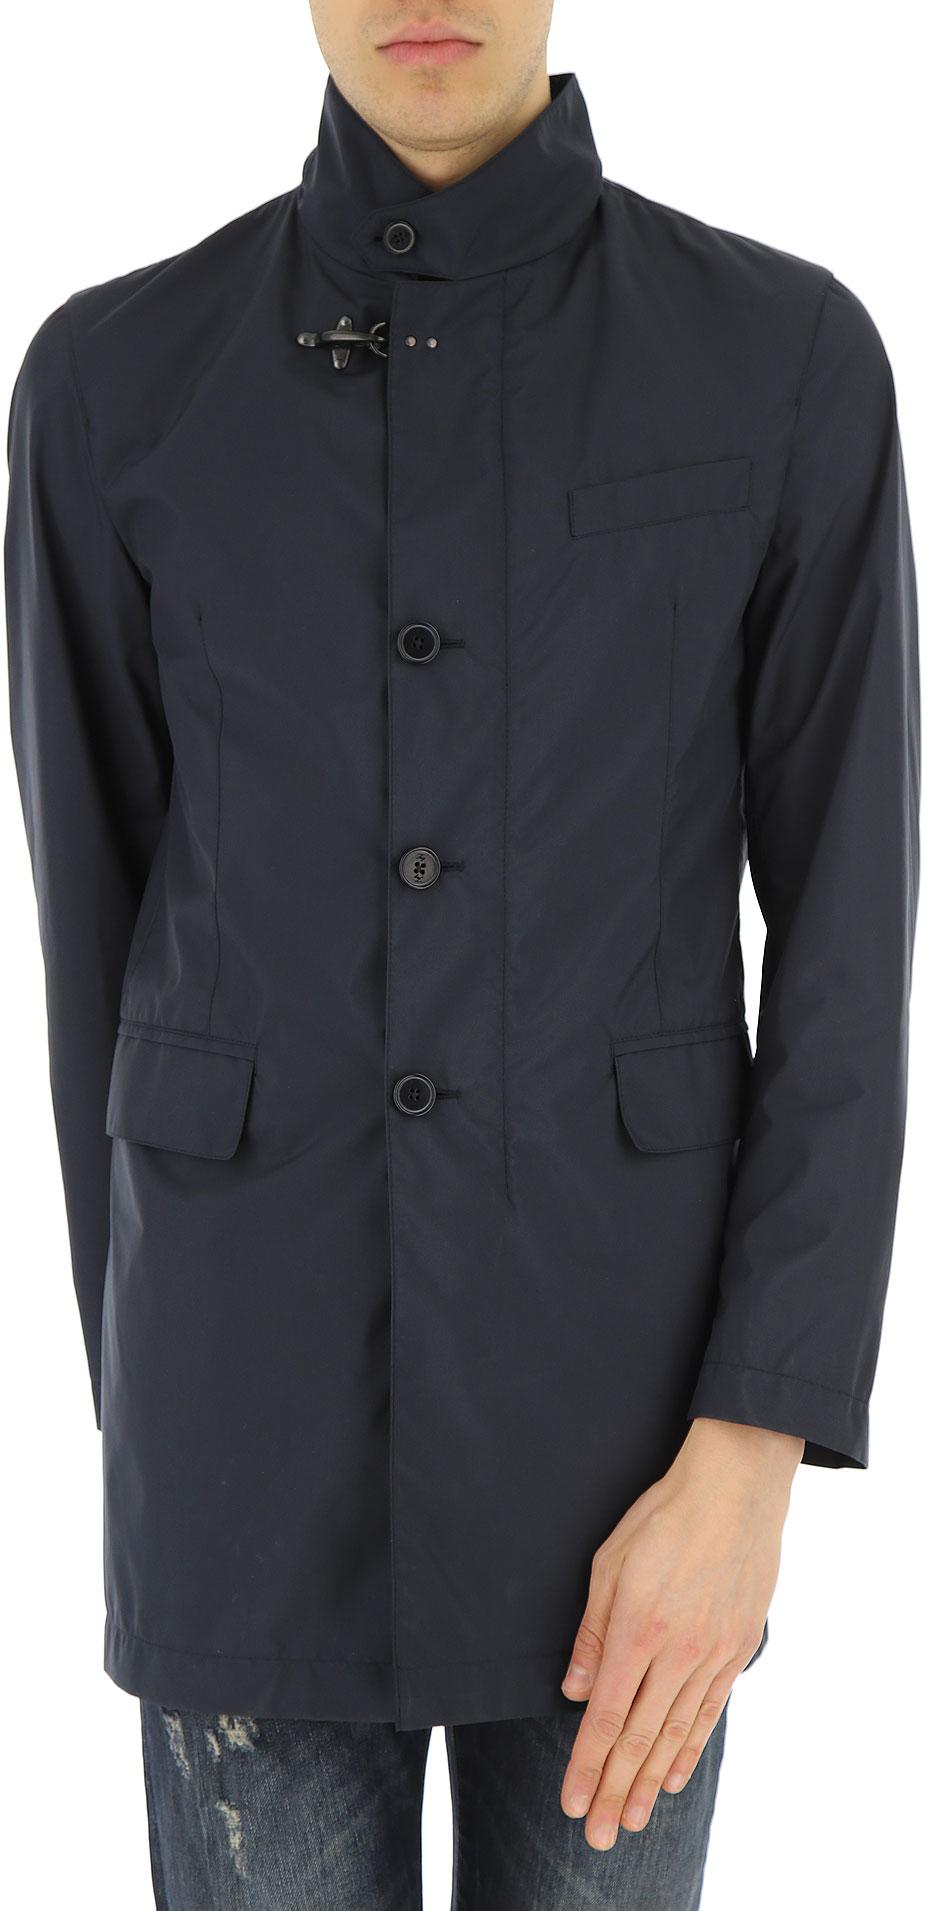 Abbigliamento Uomo Fay, Codice Articolo: nam61360250pgau809--